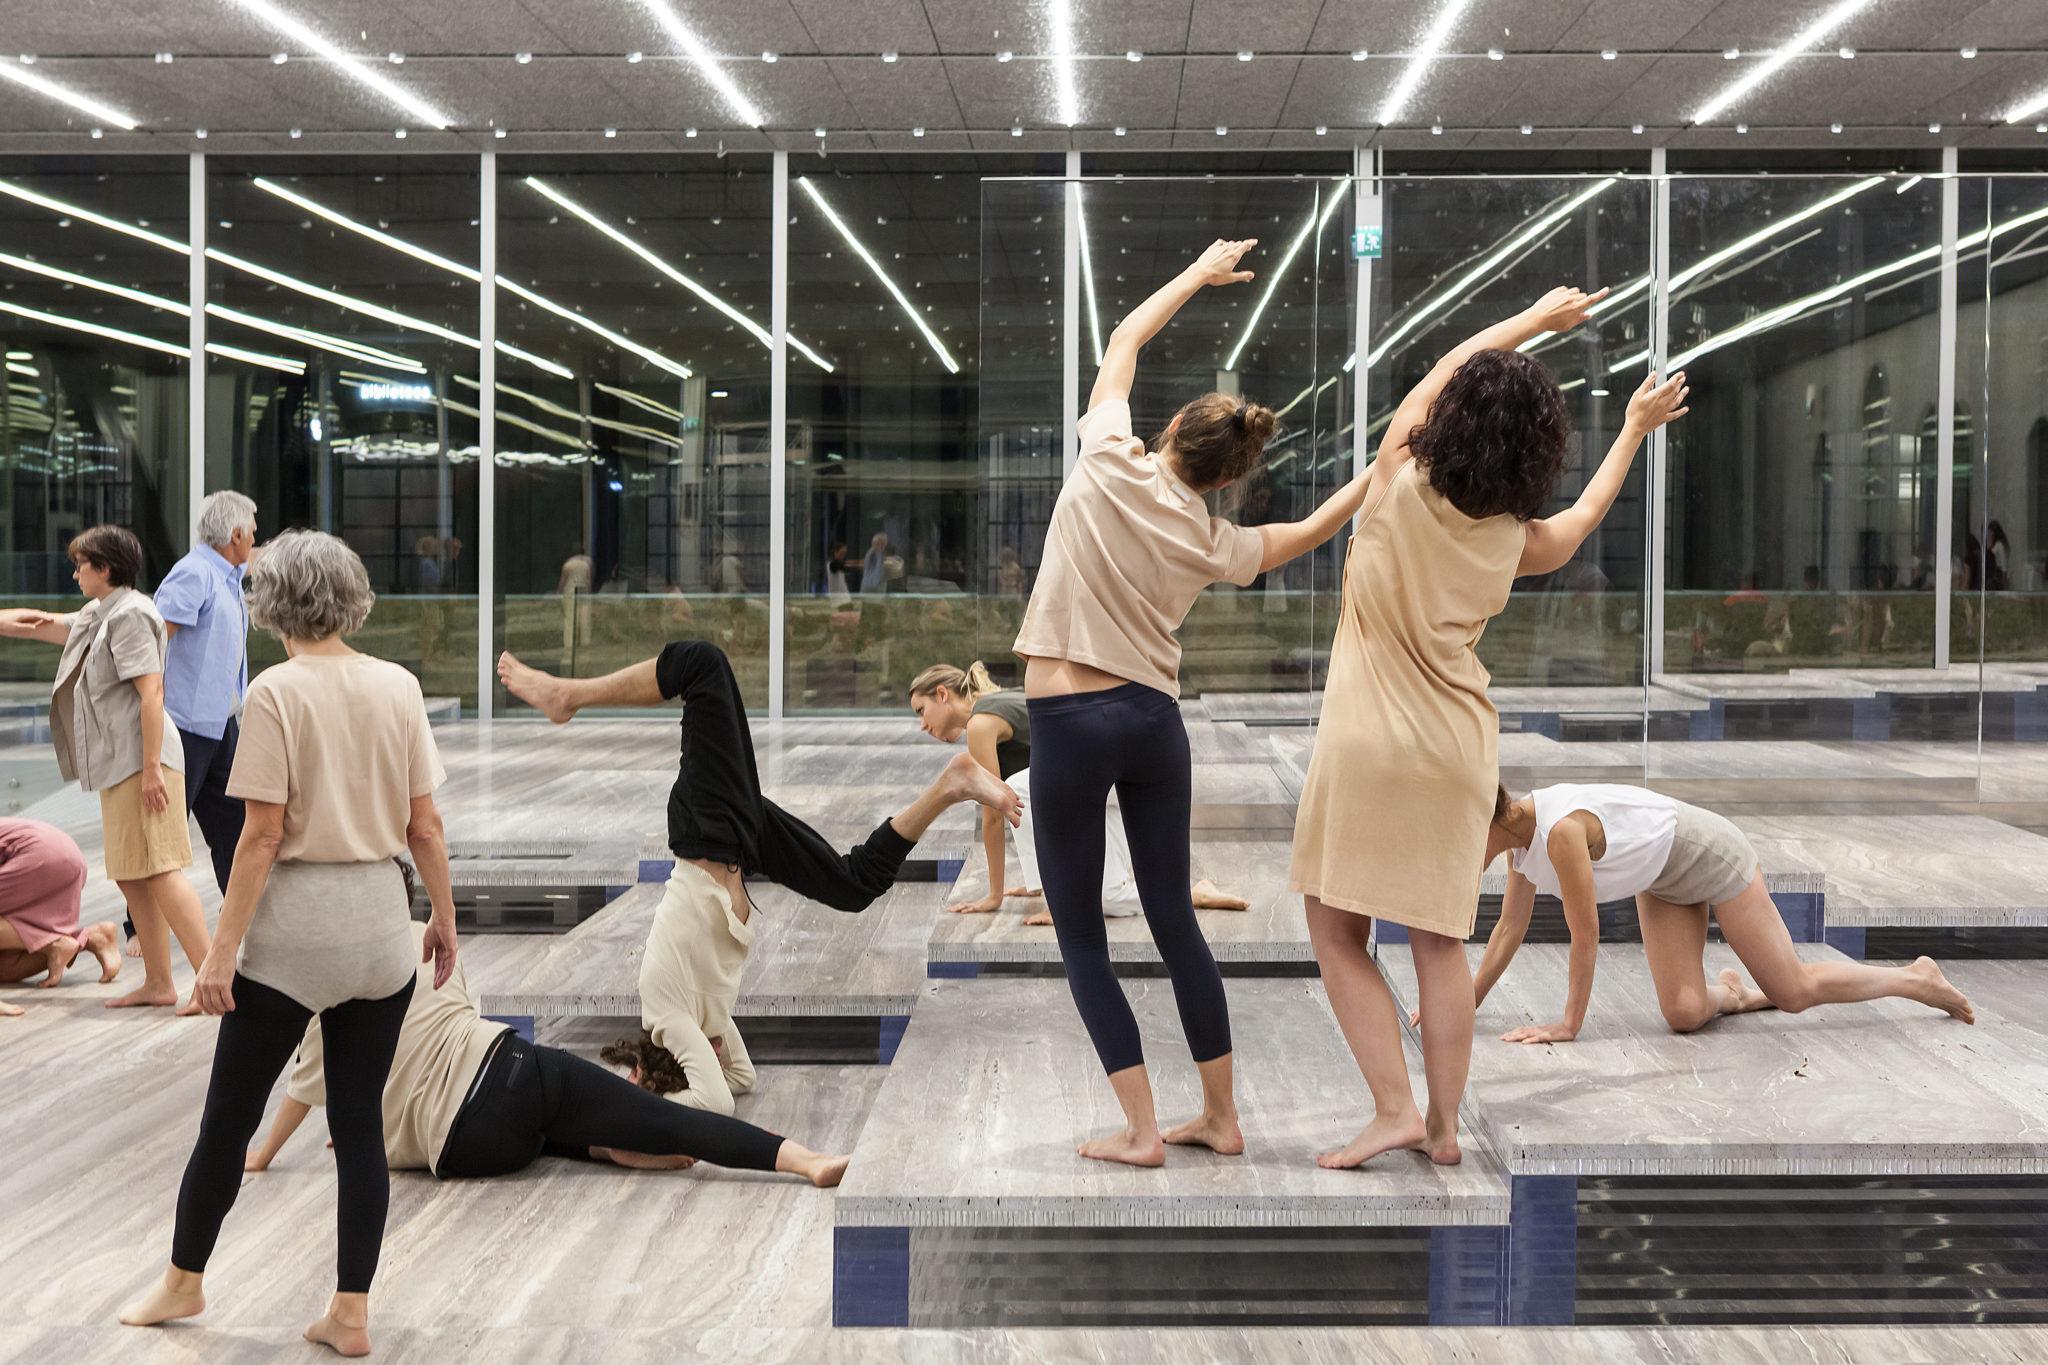 Atlante del gesto alla Fondazione Prada. Quando le statue prendono vita